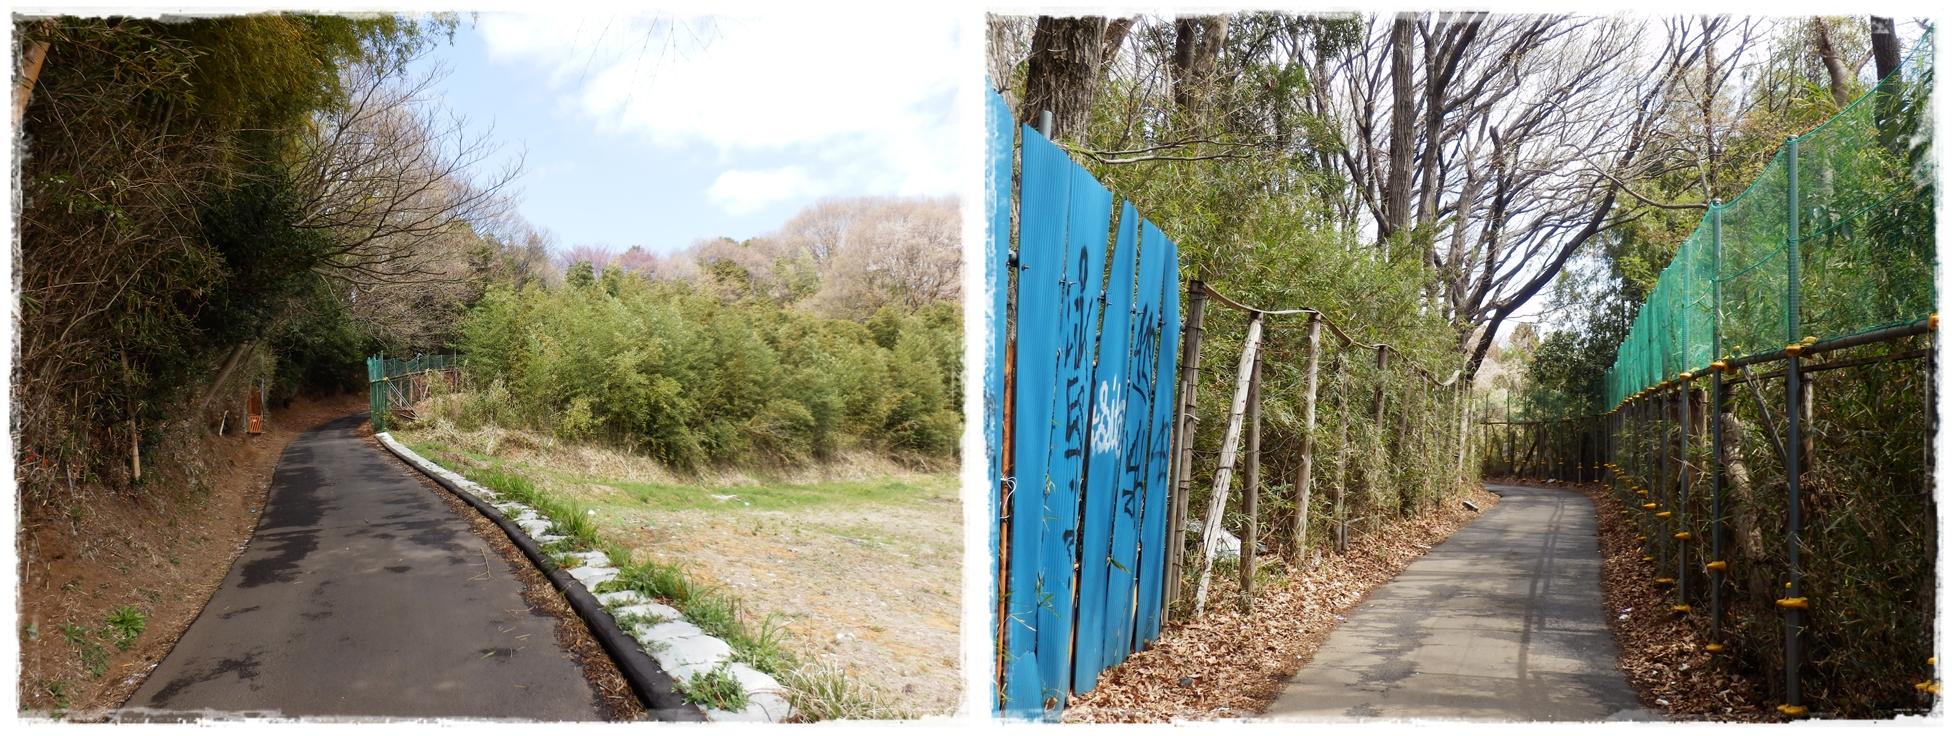 横山の道-horz4